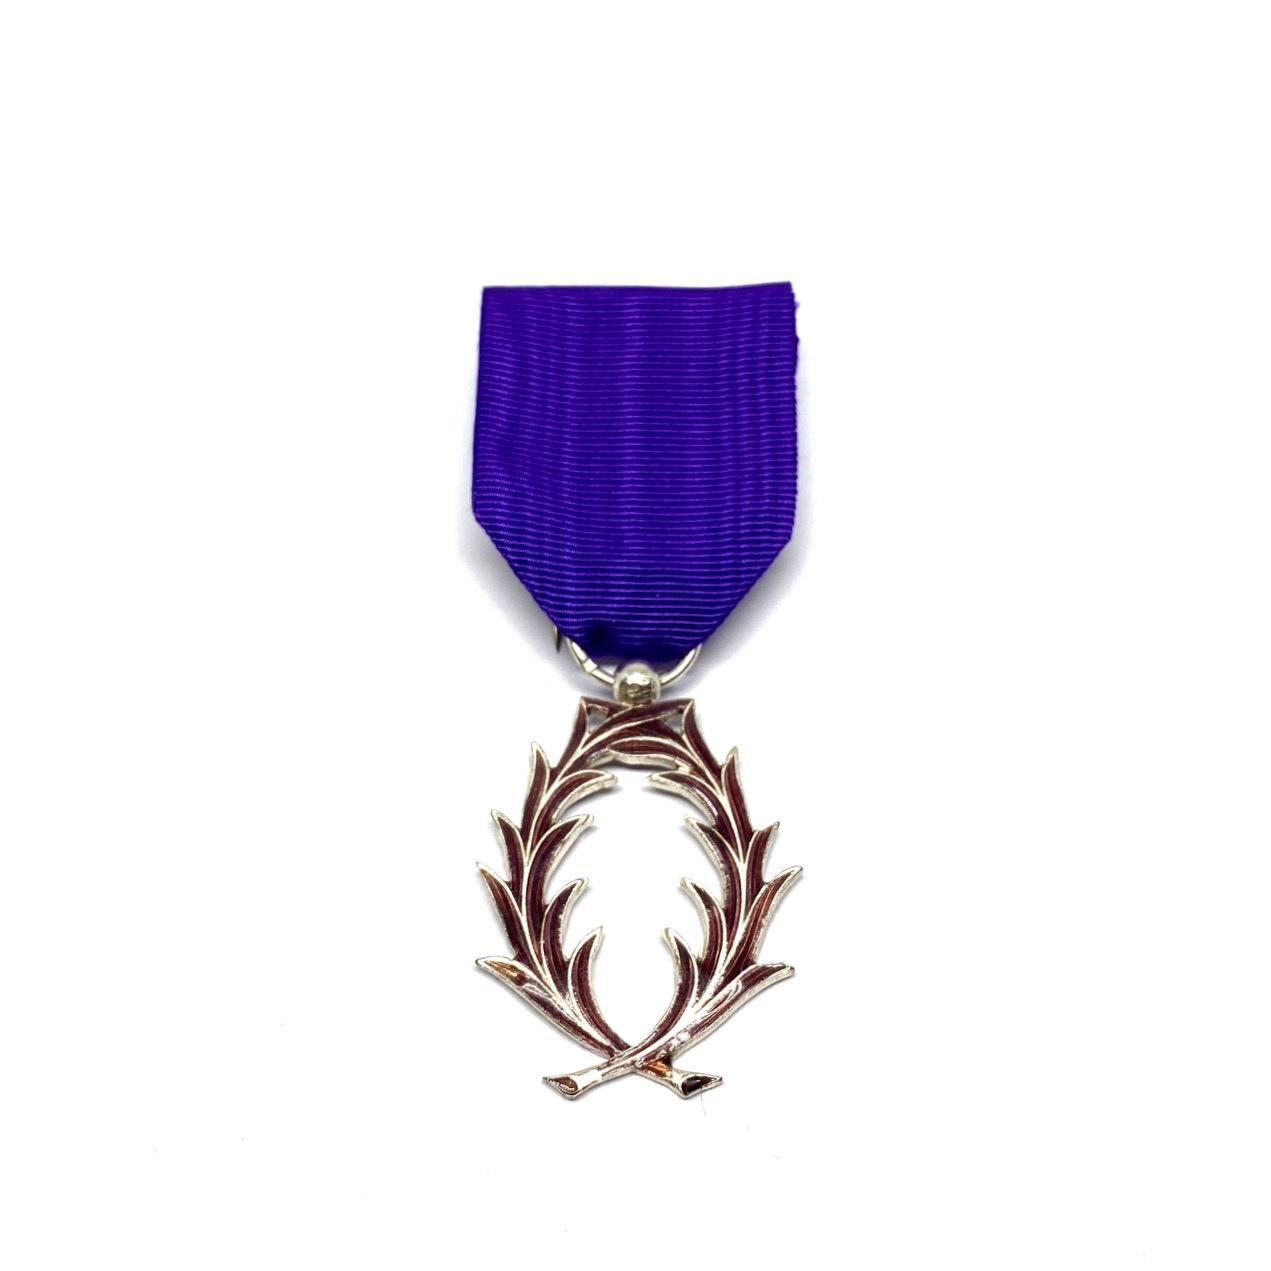 Décoration Chevalier de l'Ordre des Palmes Académiques